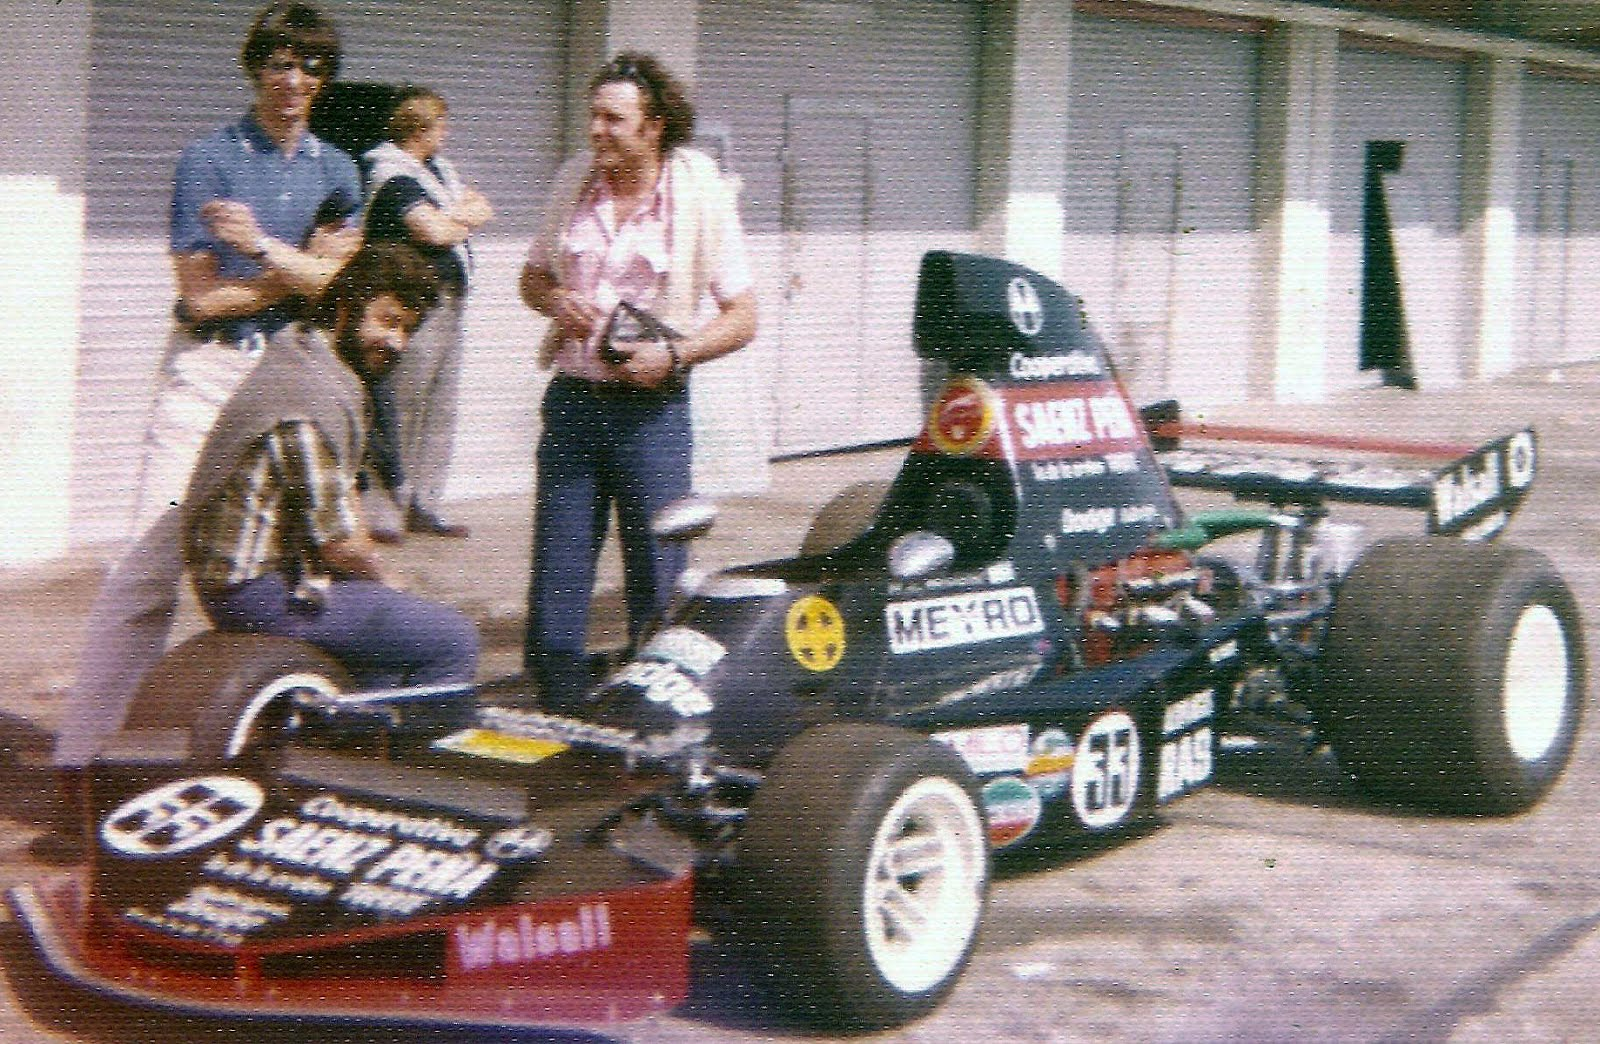 26 de setiembre, 1976 / CORRIA LA MAF1 EN BUENOS AIRES Y GANABA PASSADORE